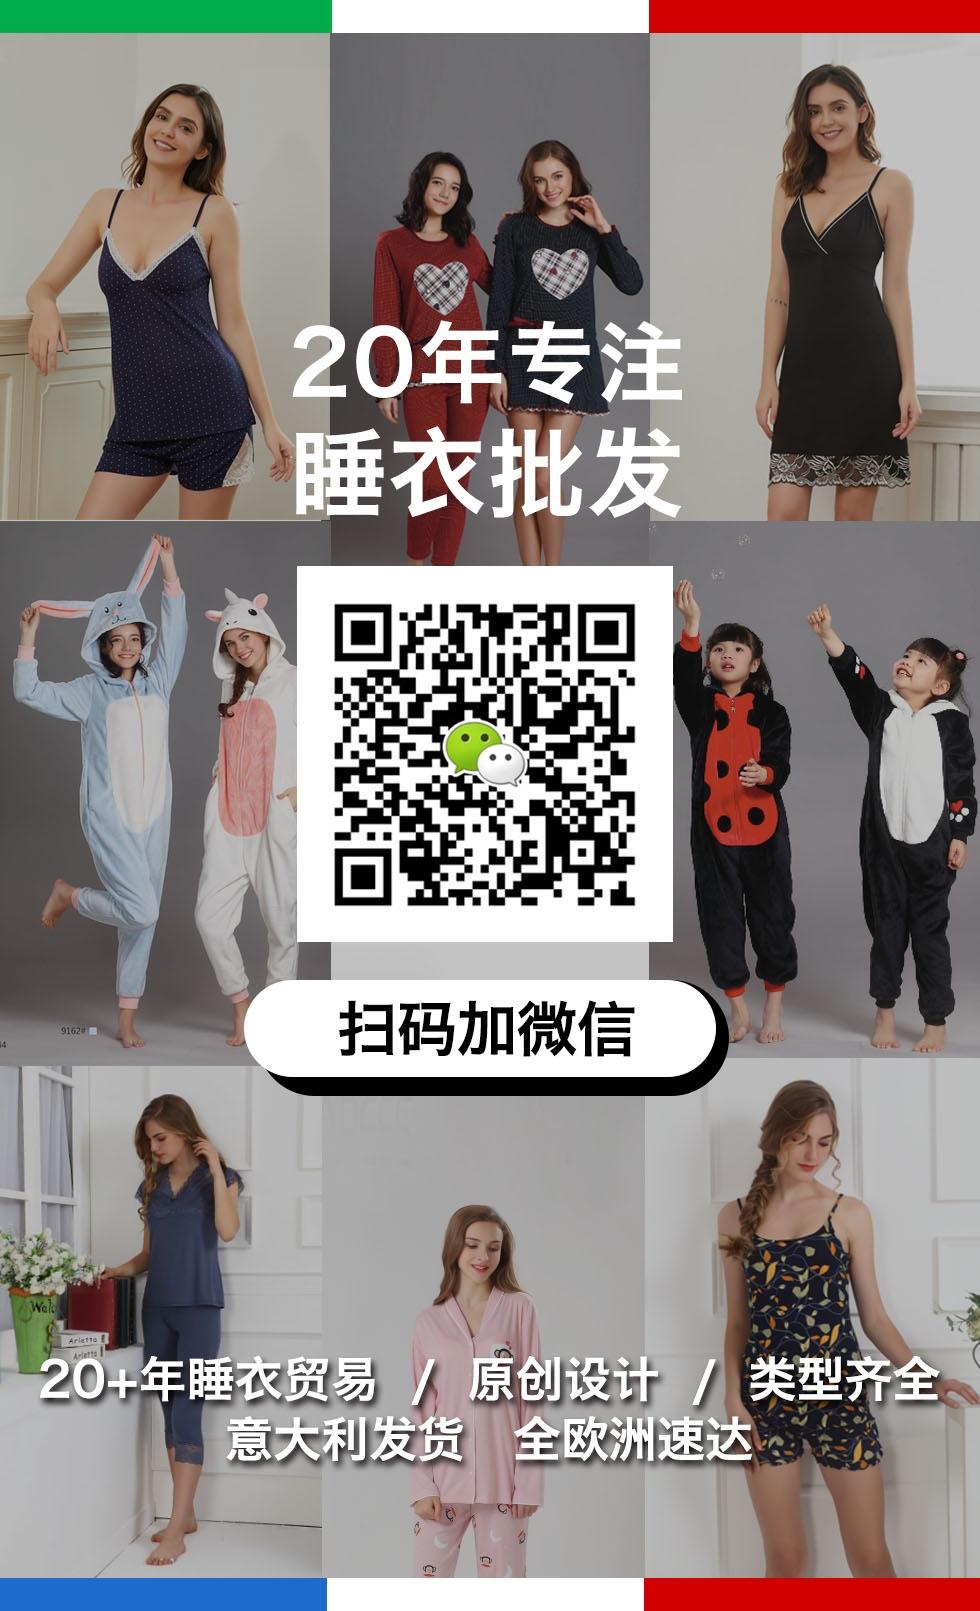 发华人街广告-2.jpg